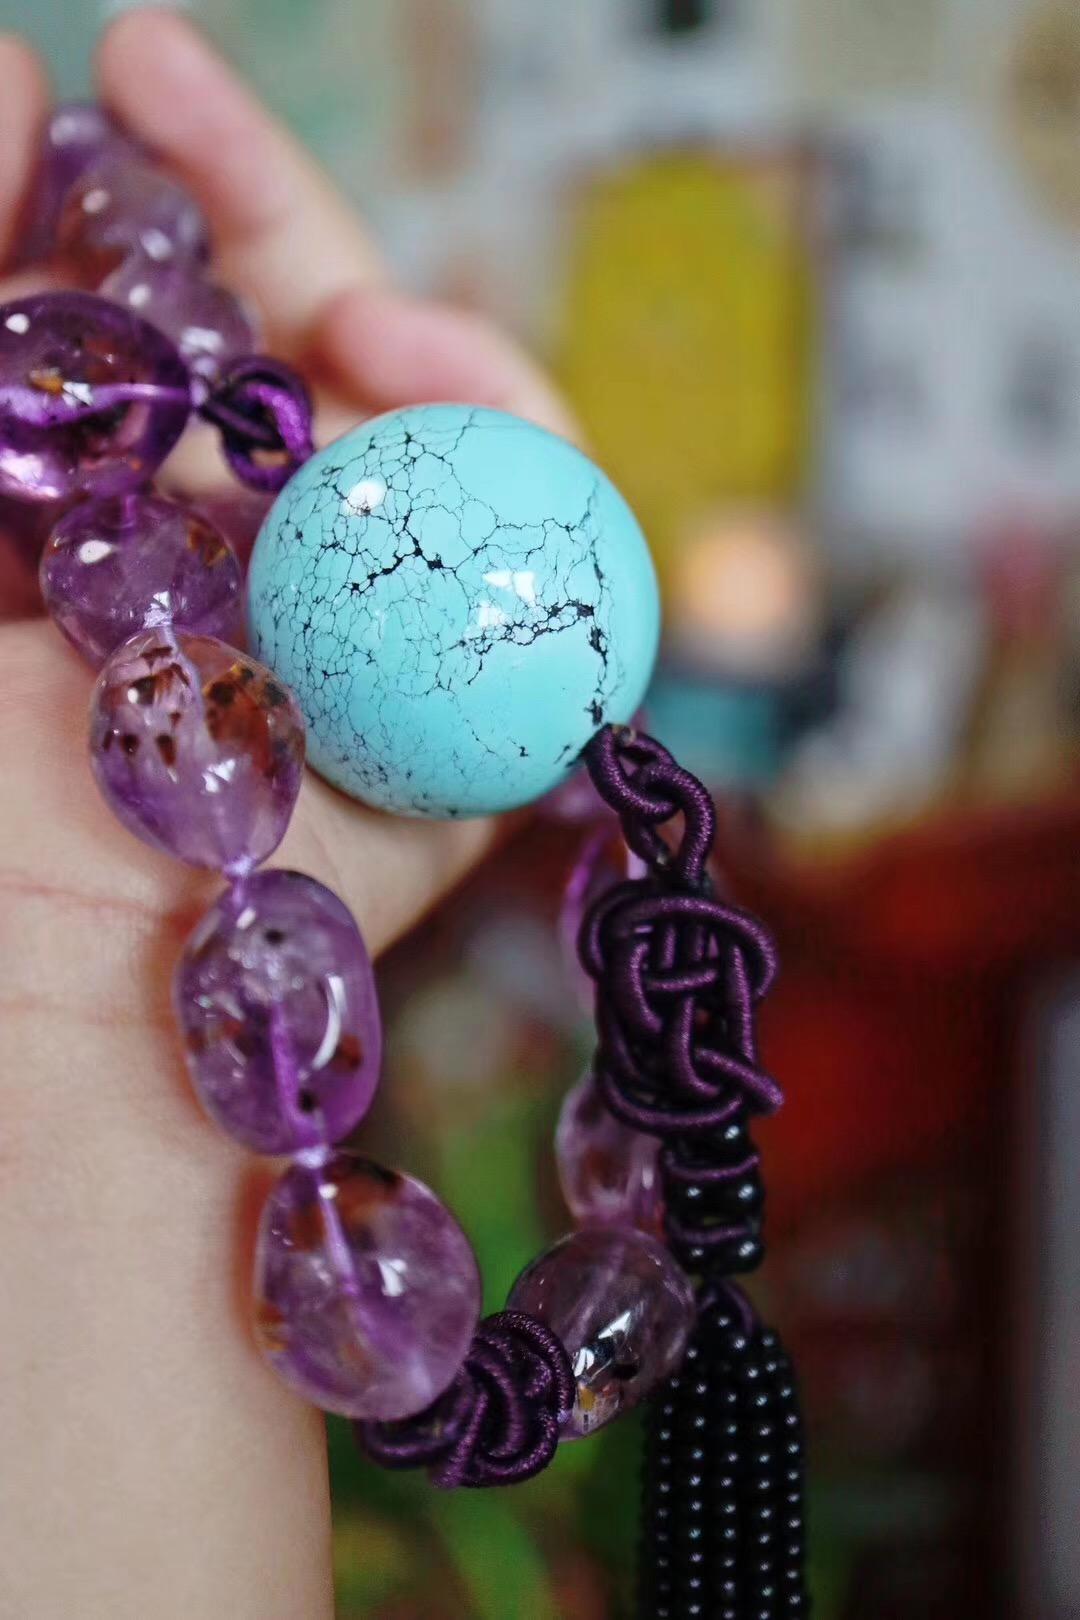 【菩心-紫钛晶、绿松石】重工设计紫钛晶、原矿绿松大珠珠手持,盘他。绝对高频!-菩心晶舍